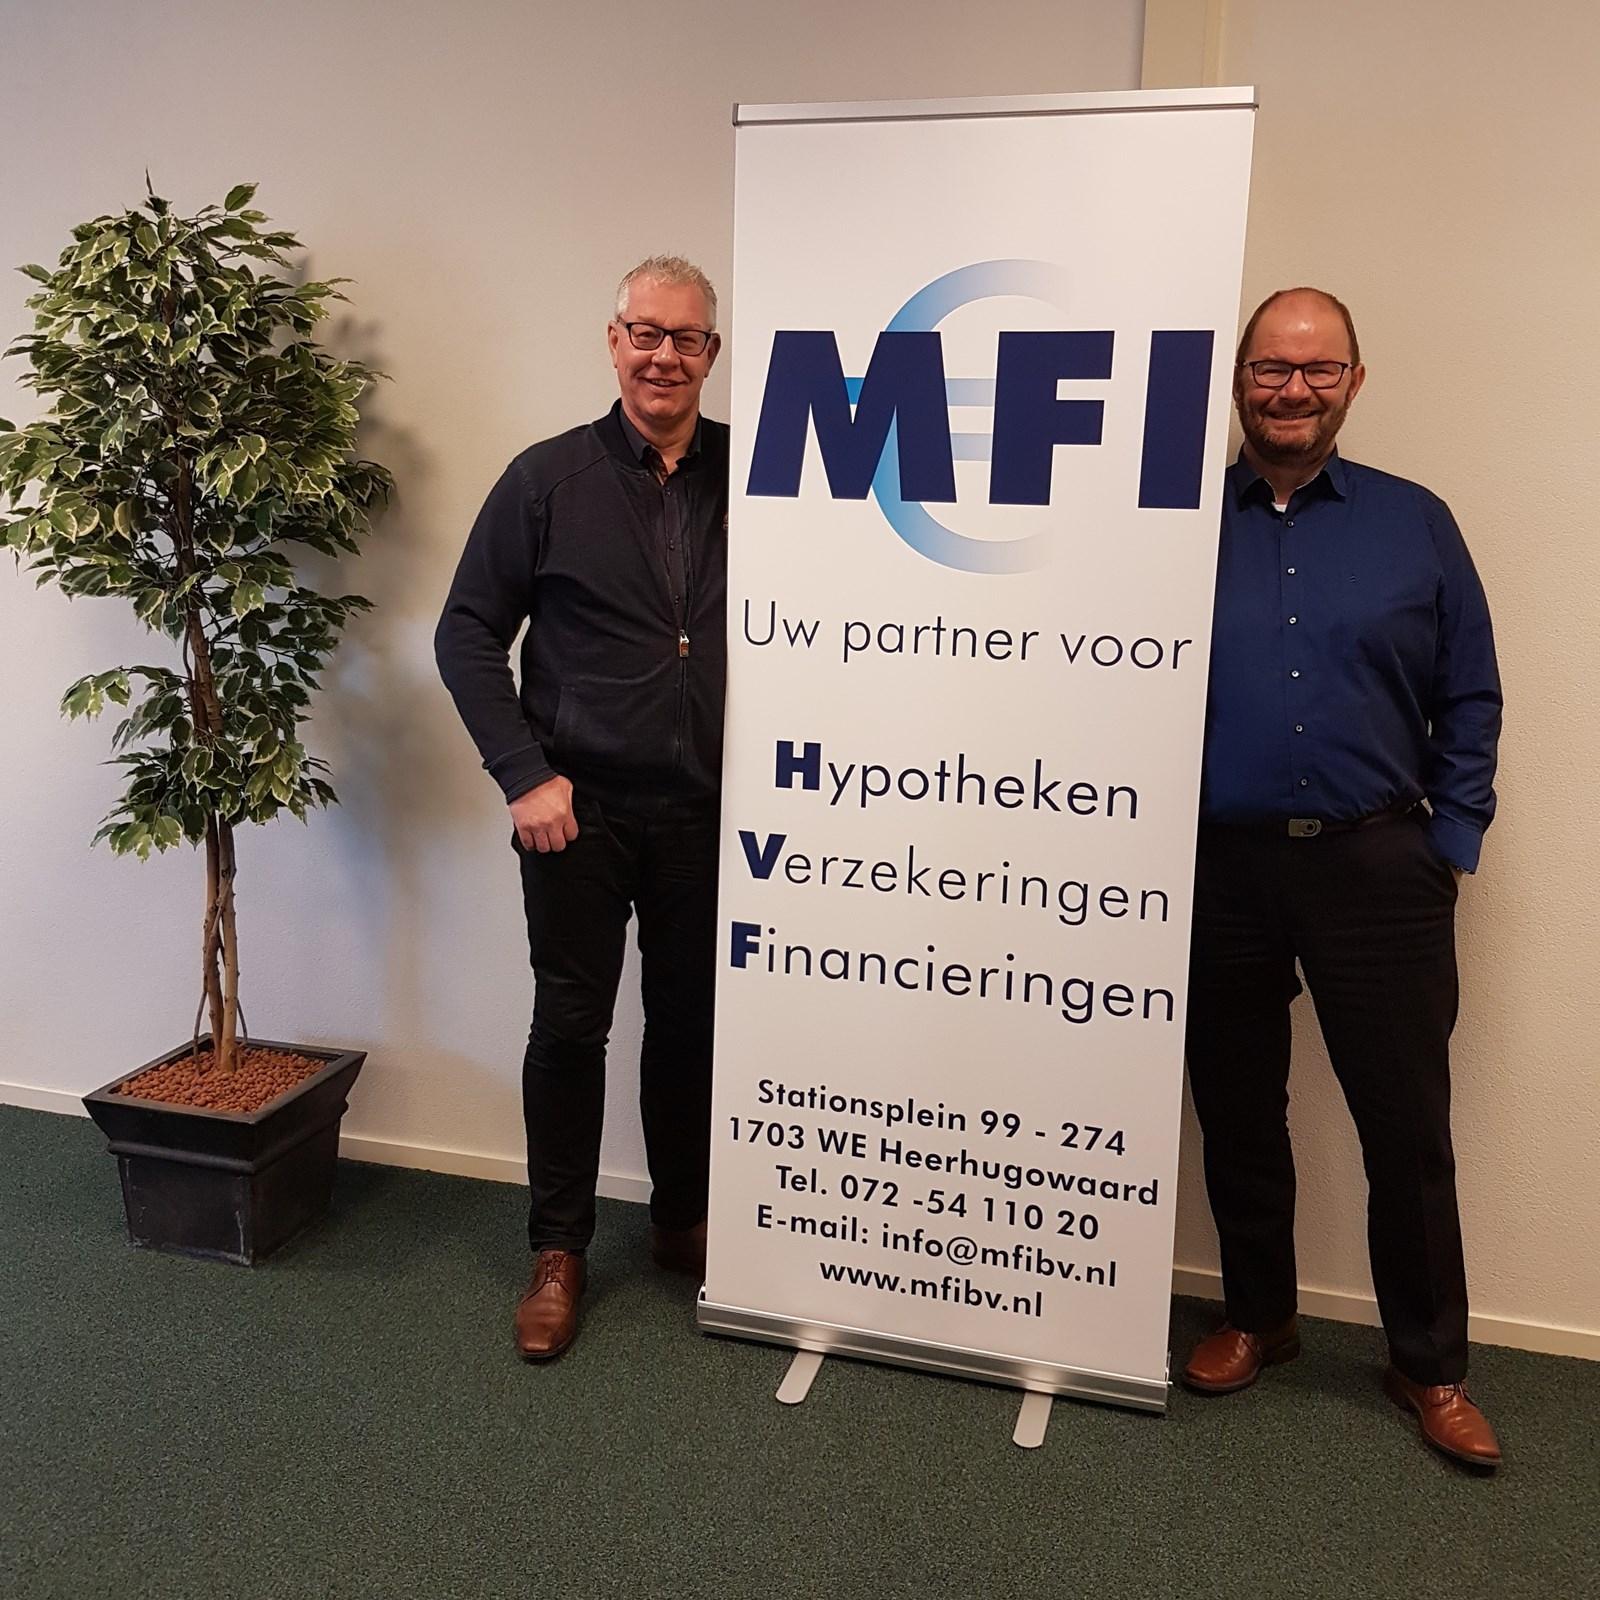 Foto van MFI Verzekeringen & Hypotheken